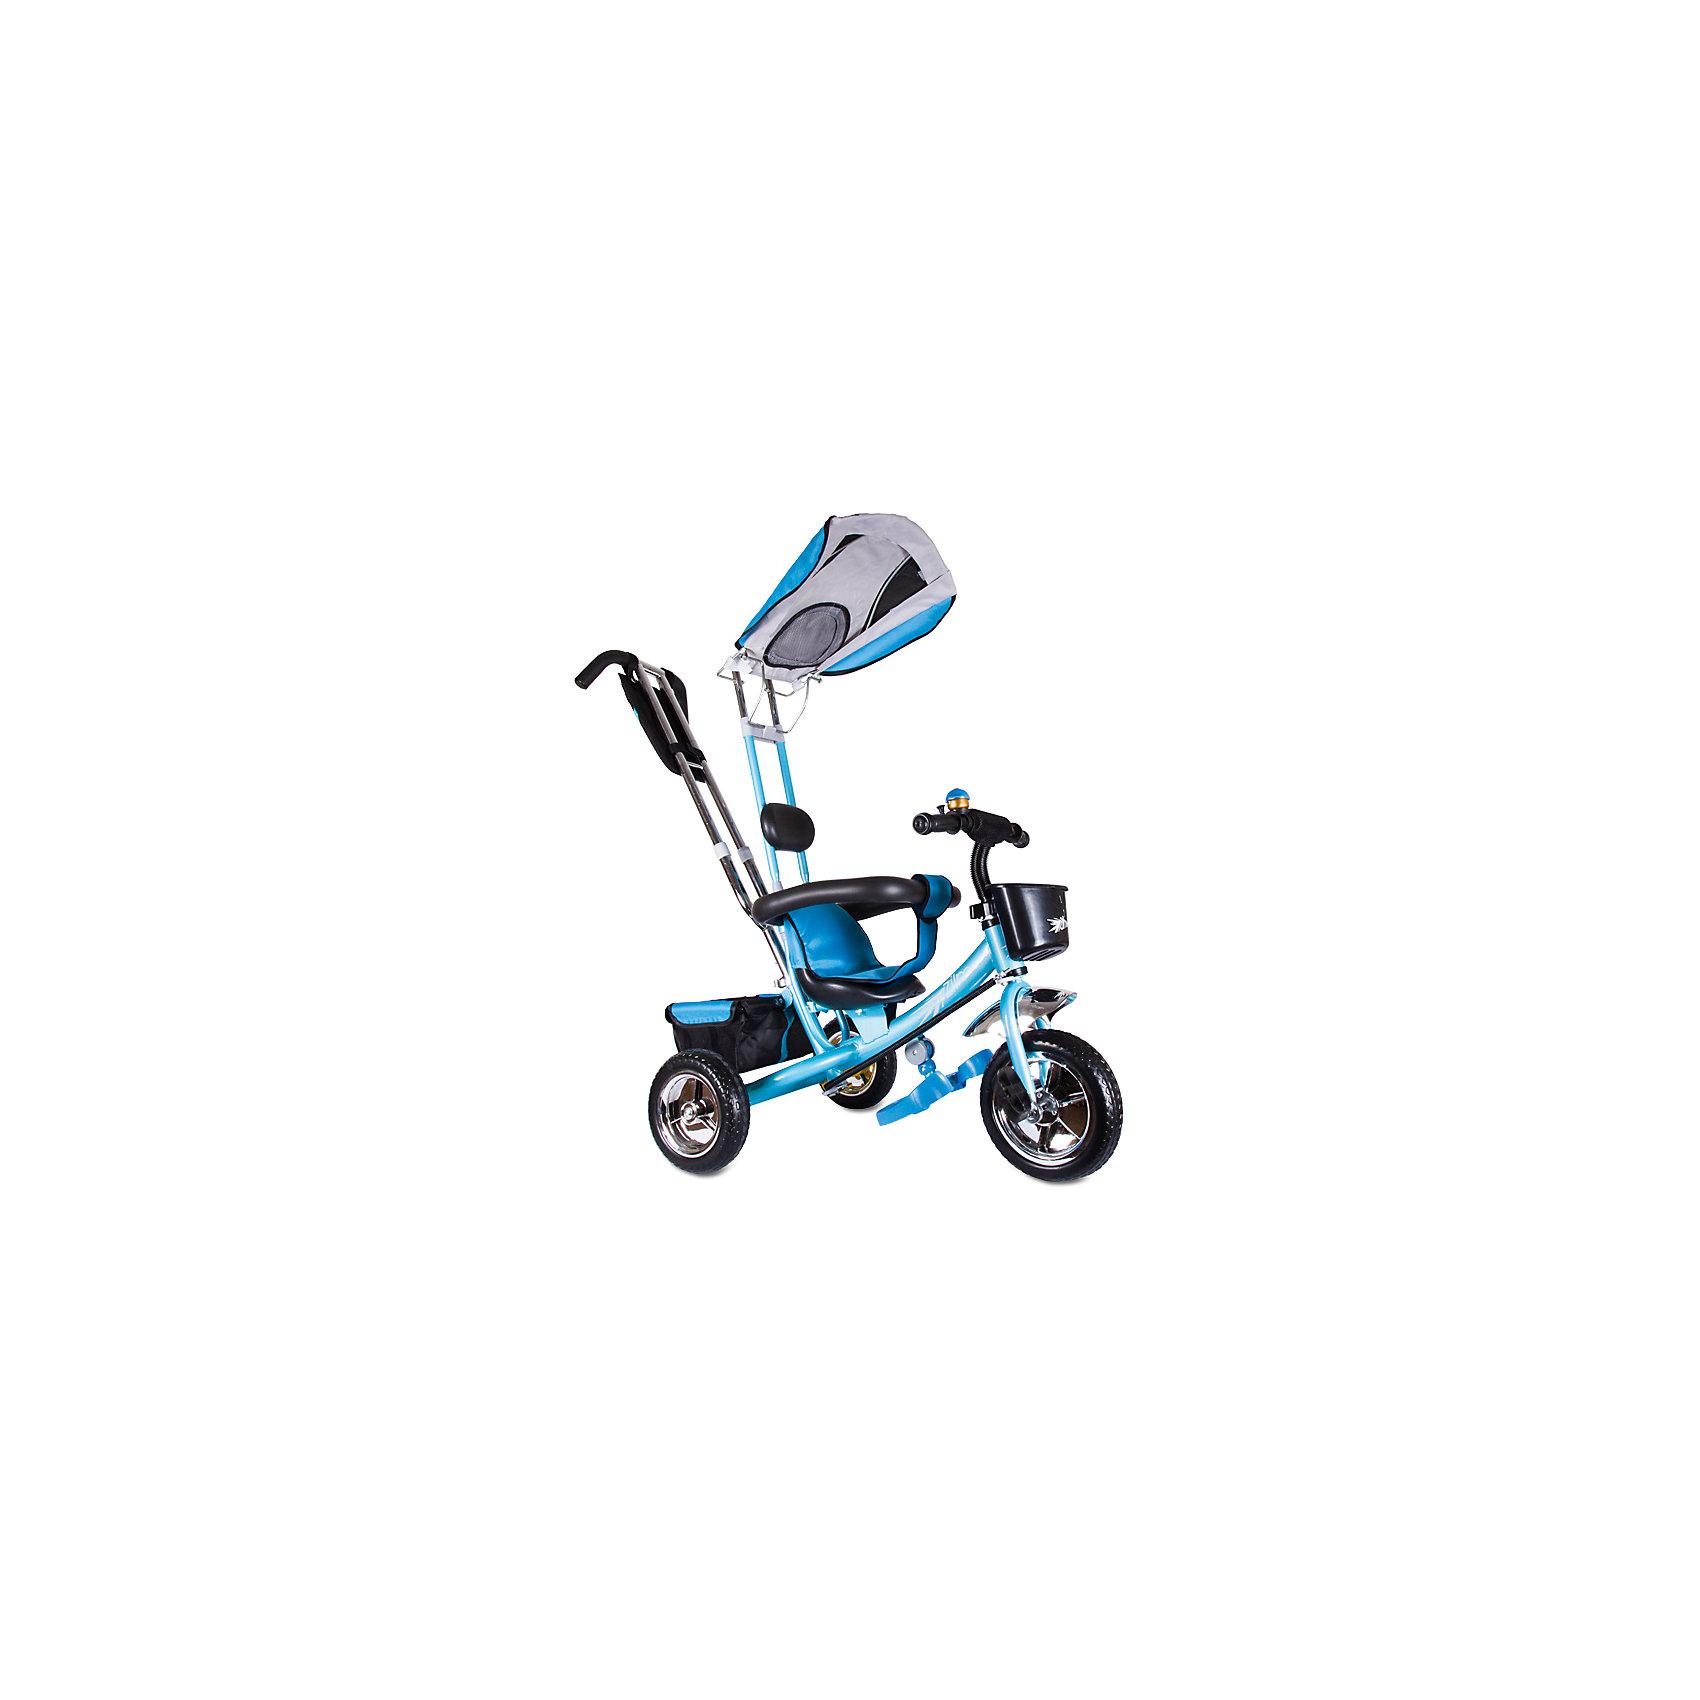 Трехколесный велосипед Бронз Люкс, голубой, ZilmerВелосипеды детские<br>Характеристики товара:<br><br>• материал: металл, полимер, текстиль<br>• цвет: голубой<br>• диаметр колес: переднее - 254 мм, задние - 203.3 мм<br>• блокировка колес<br>• удобный руль <br>• безопасные поручни<br>• управление ручкой для родителей<br>• подставка под ноги<br>• корзинка<br>• материал колес: EVA<br>• надежные материалы<br>• ручной тормоз<br>• козырек<br>• продуманная конструкция<br>• яркий цвет<br>• возраст: от 12 мес<br>• размер: 75x46x25 см<br>• вес: 9 кг<br>• страна производства: Китай<br><br>Подарить родителям и малышу такой велосипед - значит, помочь развитию ребенка. Он способствует скорейшему развитию способности ориентироваться в пространстве, развивает физические способности, мышление и ловкость. Помимо этого, кататься на нём - очень увлекательное занятие!<br><br>Этот велосипед разработан специально для малышей. Он чем-то похож на коляску: есть родительская ручка и специальные подставки под ножки. С помощью ручки родители легко координируют направление движения. Данная модель выполнена в ярком дизайне, отличается продуманной конструкцией и деталями, которые обеспечивают безопасность ребенка. Отличный подарок для активного малыша!<br><br>Трехколесный велосипед Бронз Люкс, голубой, от бренда Zilmer можно купить в нашем интернет-магазине.<br><br>Ширина мм: 590<br>Глубина мм: 280<br>Высота мм: 420<br>Вес г: 9700<br>Возраст от месяцев: 12<br>Возраст до месяцев: 36<br>Пол: Унисекс<br>Возраст: Детский<br>SKU: 5478510